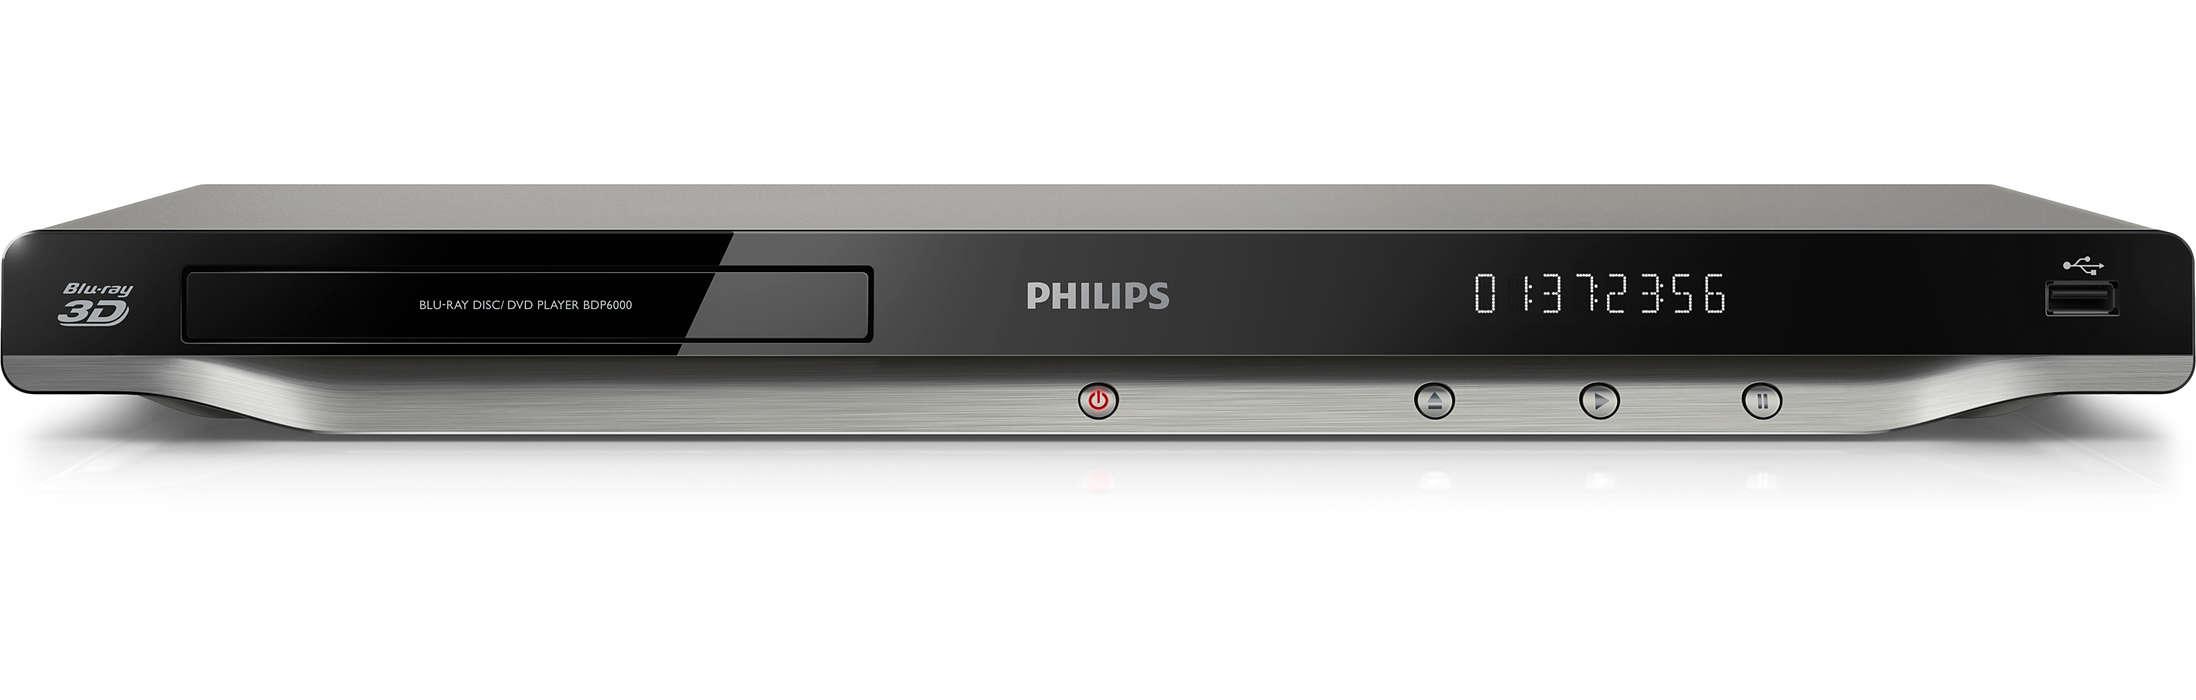 Blu-ray 3D e il meglio di Internet sul tuo TV